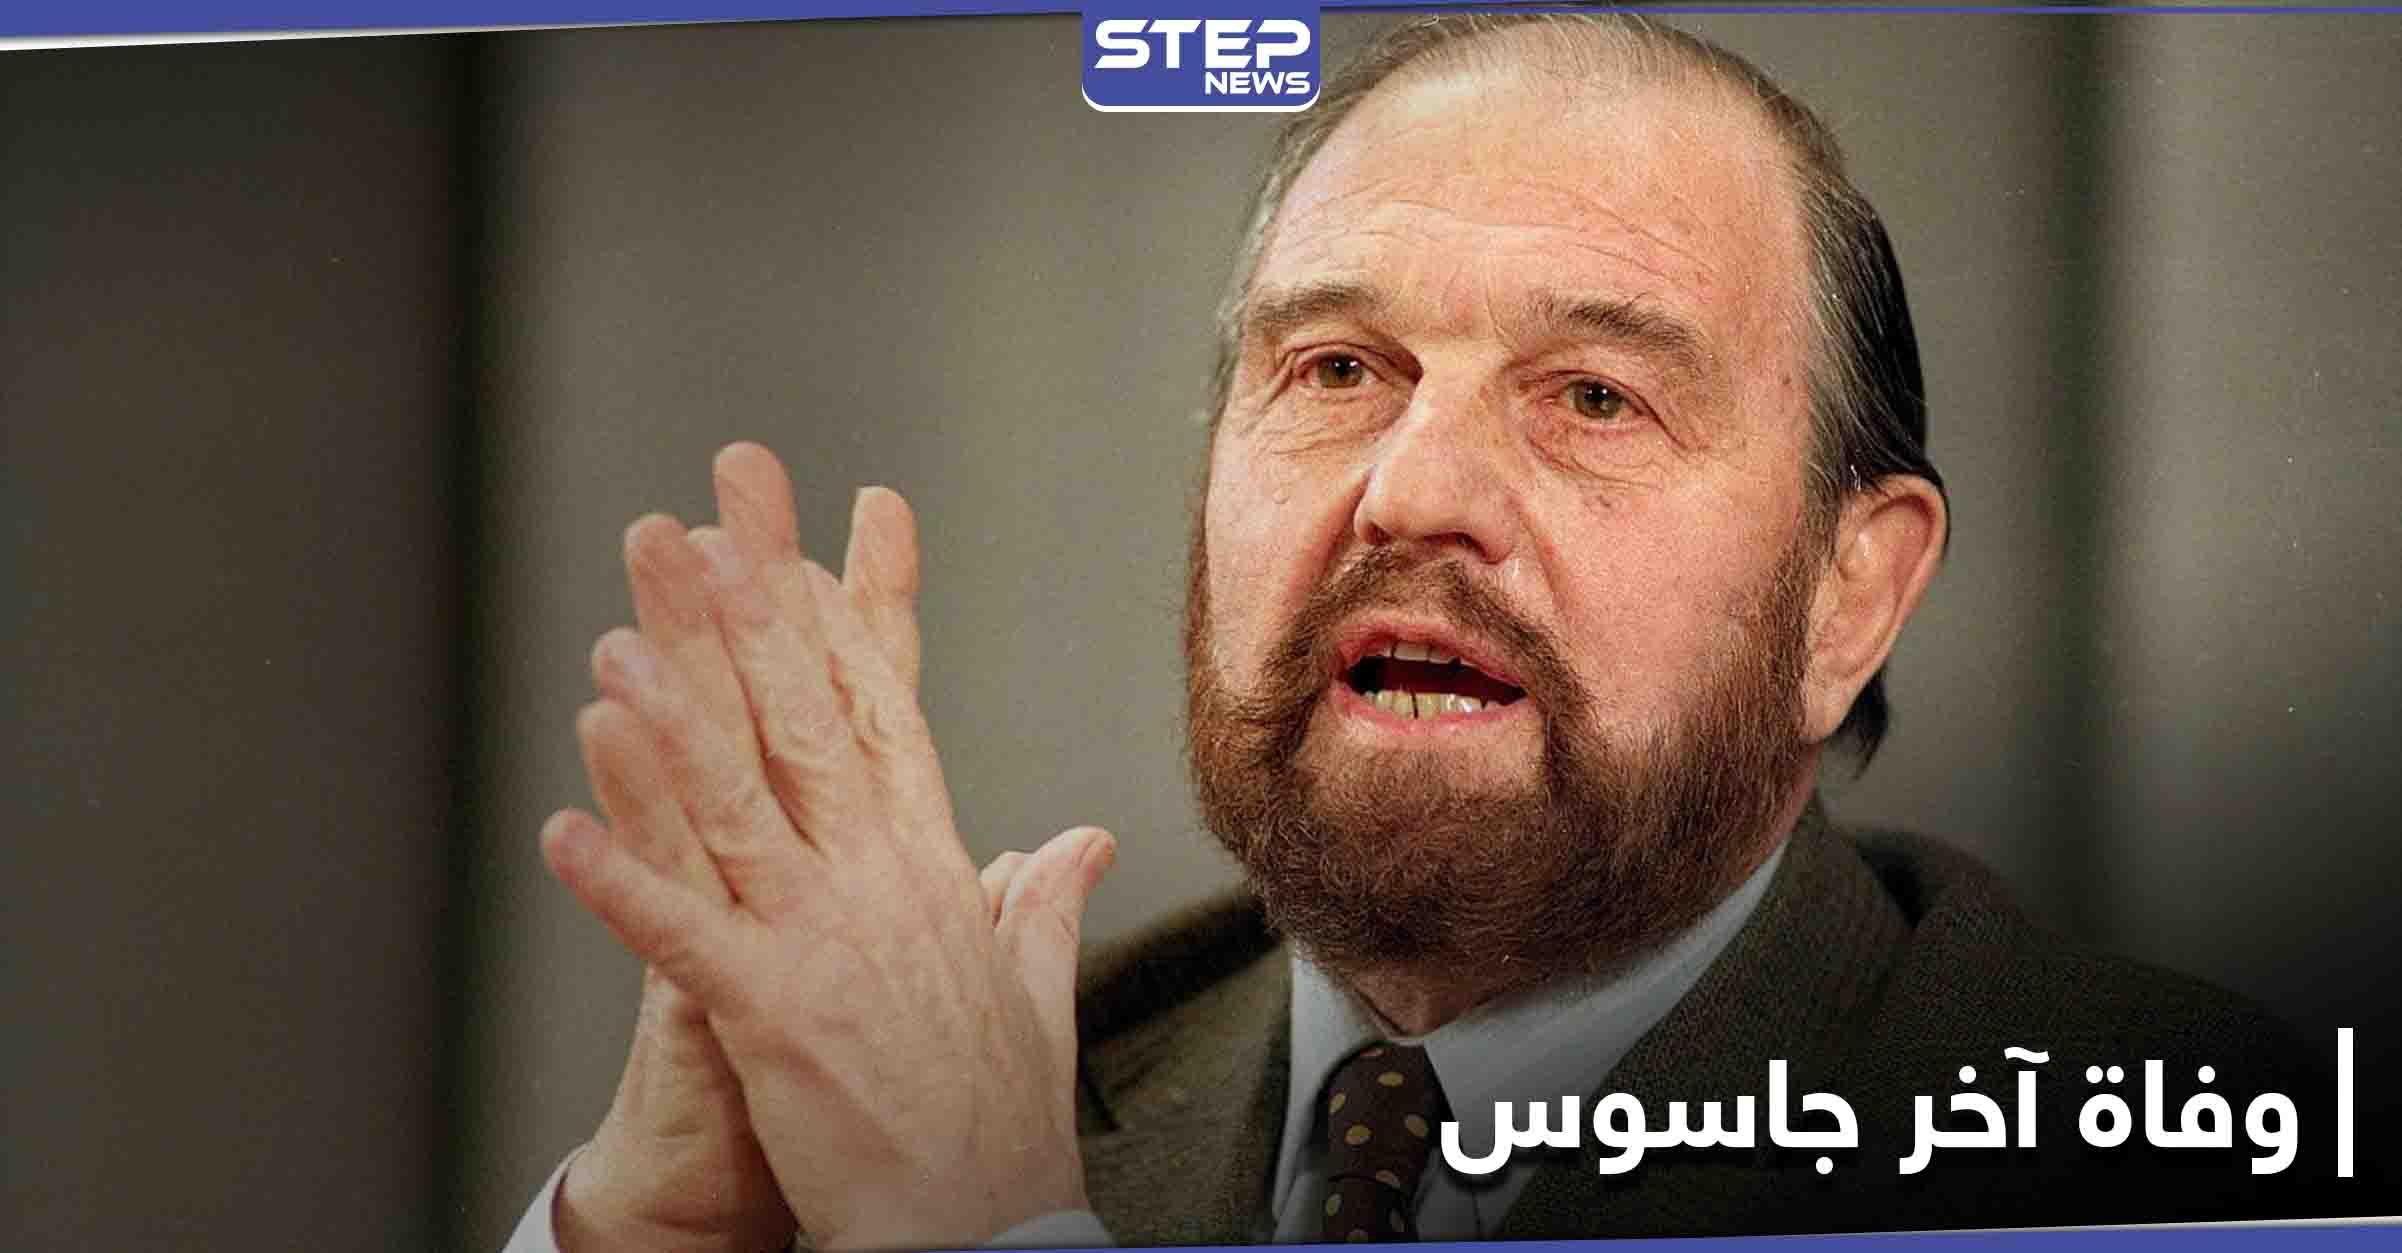 من أصل عربي.. وفاة آخر جاسوس بريطاني بالحرب الباردة وبوتين يعزّي به